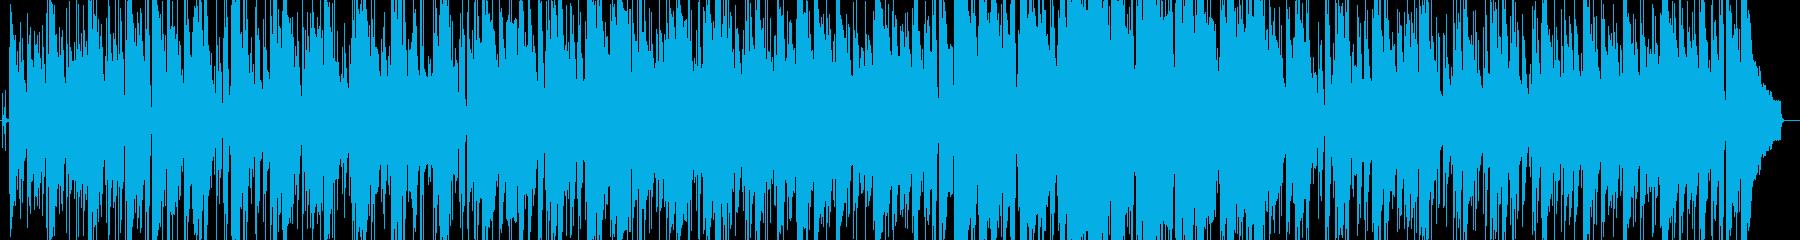 ゆったりと落ち着いたボサノバの再生済みの波形